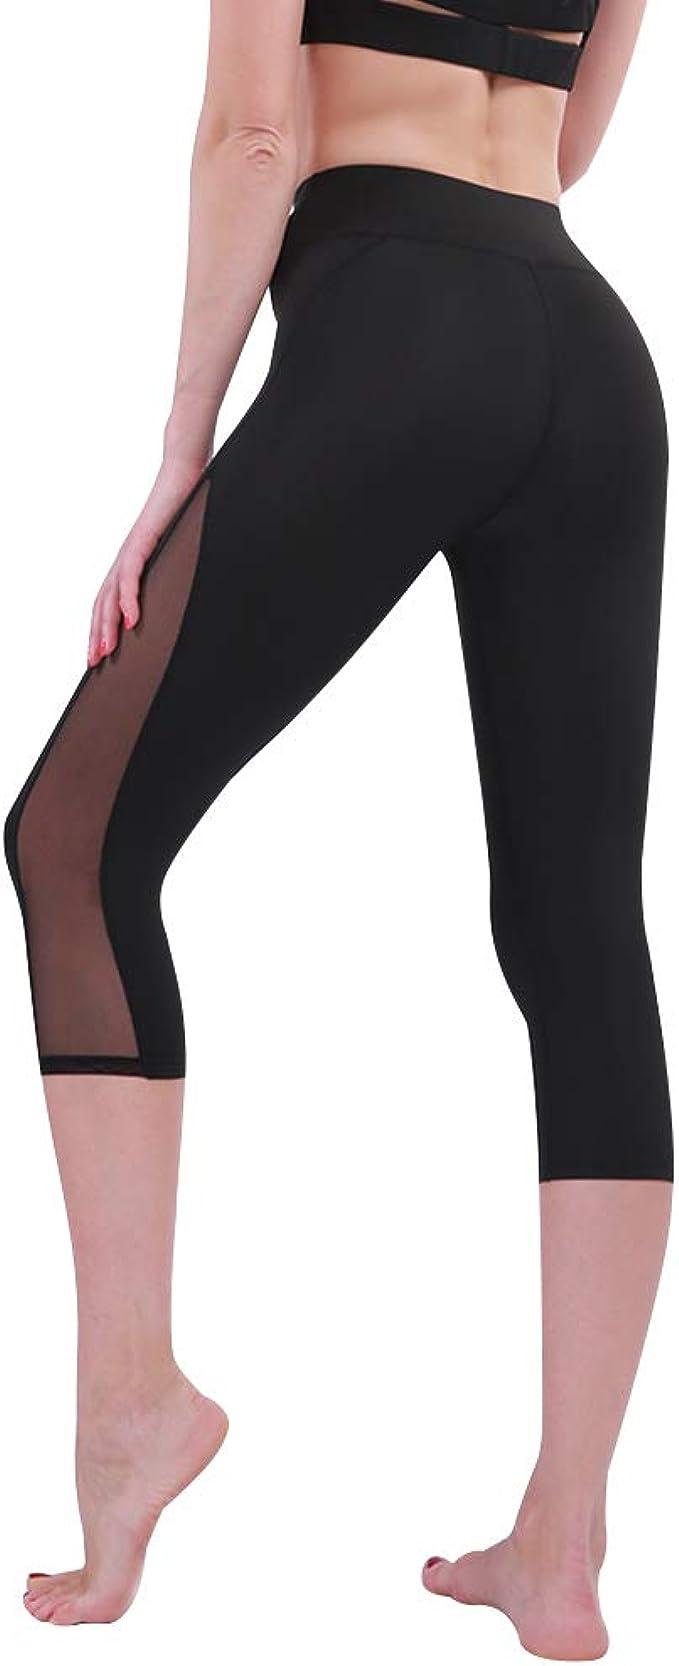 Amazon.com: INCHOICE Mallas de cintura alta para mujeres y ...